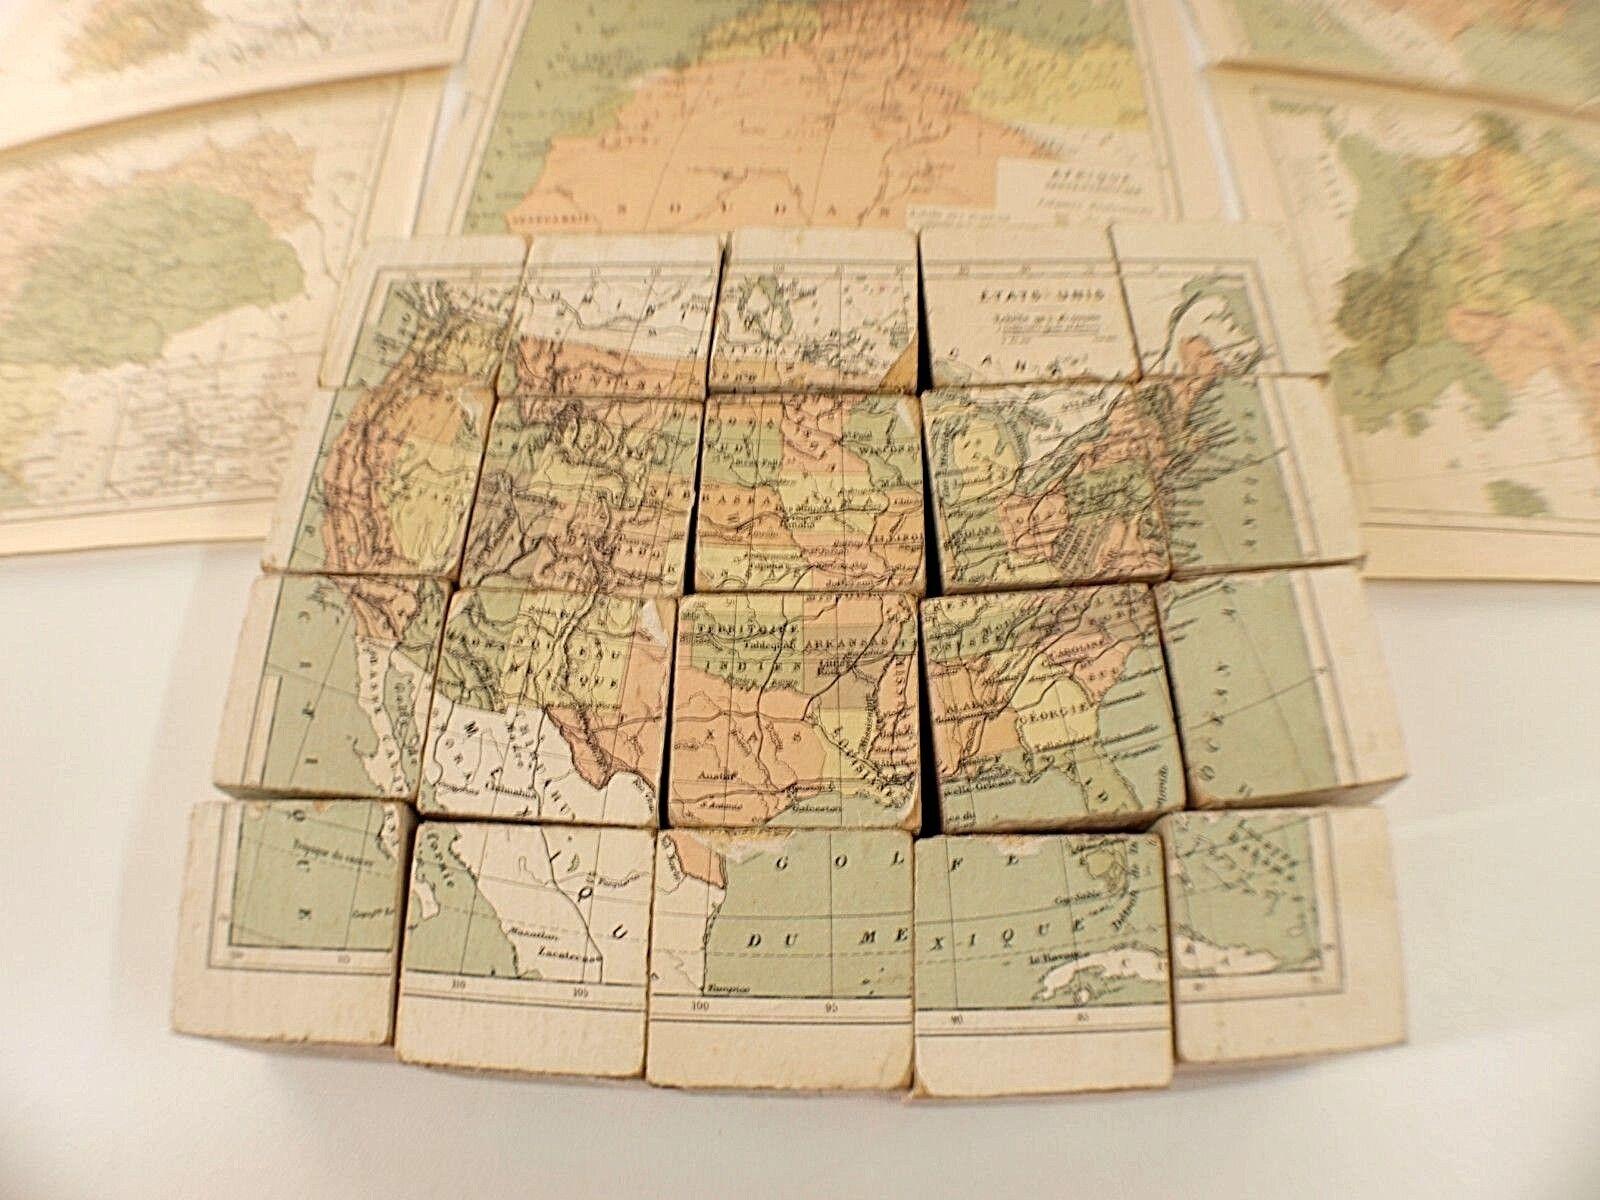 Jeu de cubes France en bois Europe Europe Europe Amérique Allemagne Afrique boite années 1900 7361d9